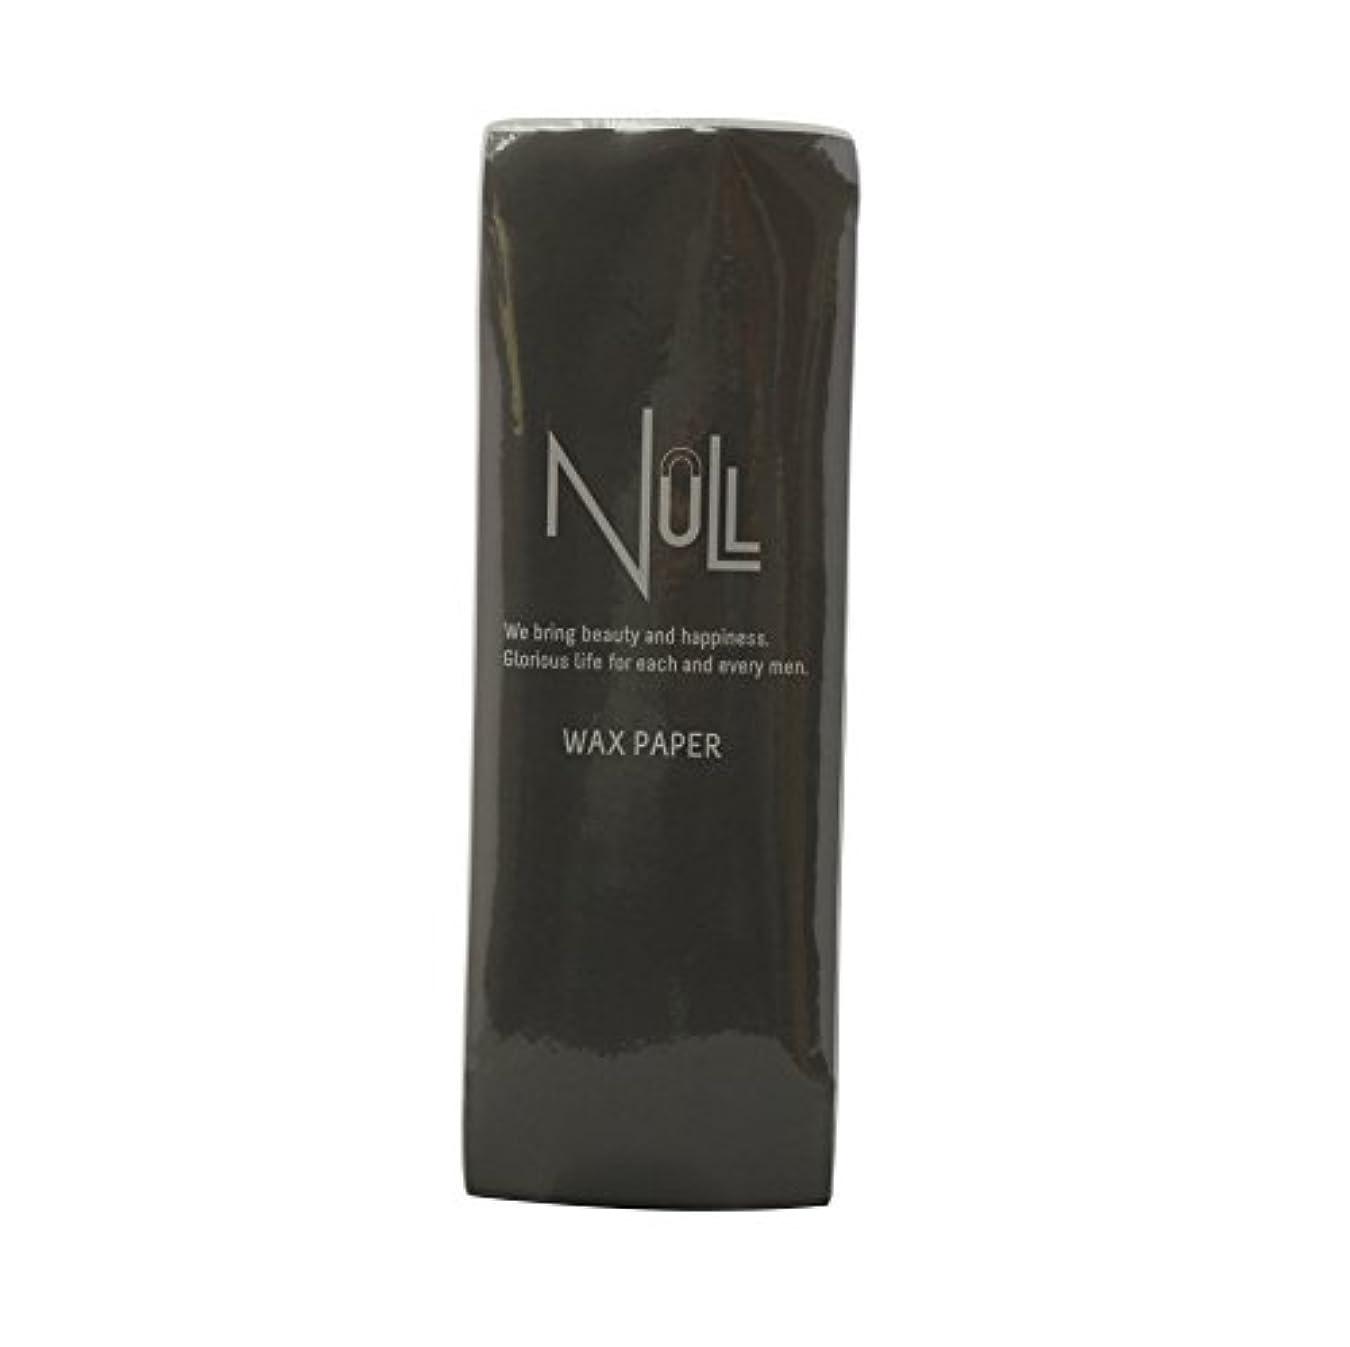 十二ようこそ湾NULL ブラジリアンワックス用ペーパー 100枚入り 70mm幅 ワックス脱毛 専用